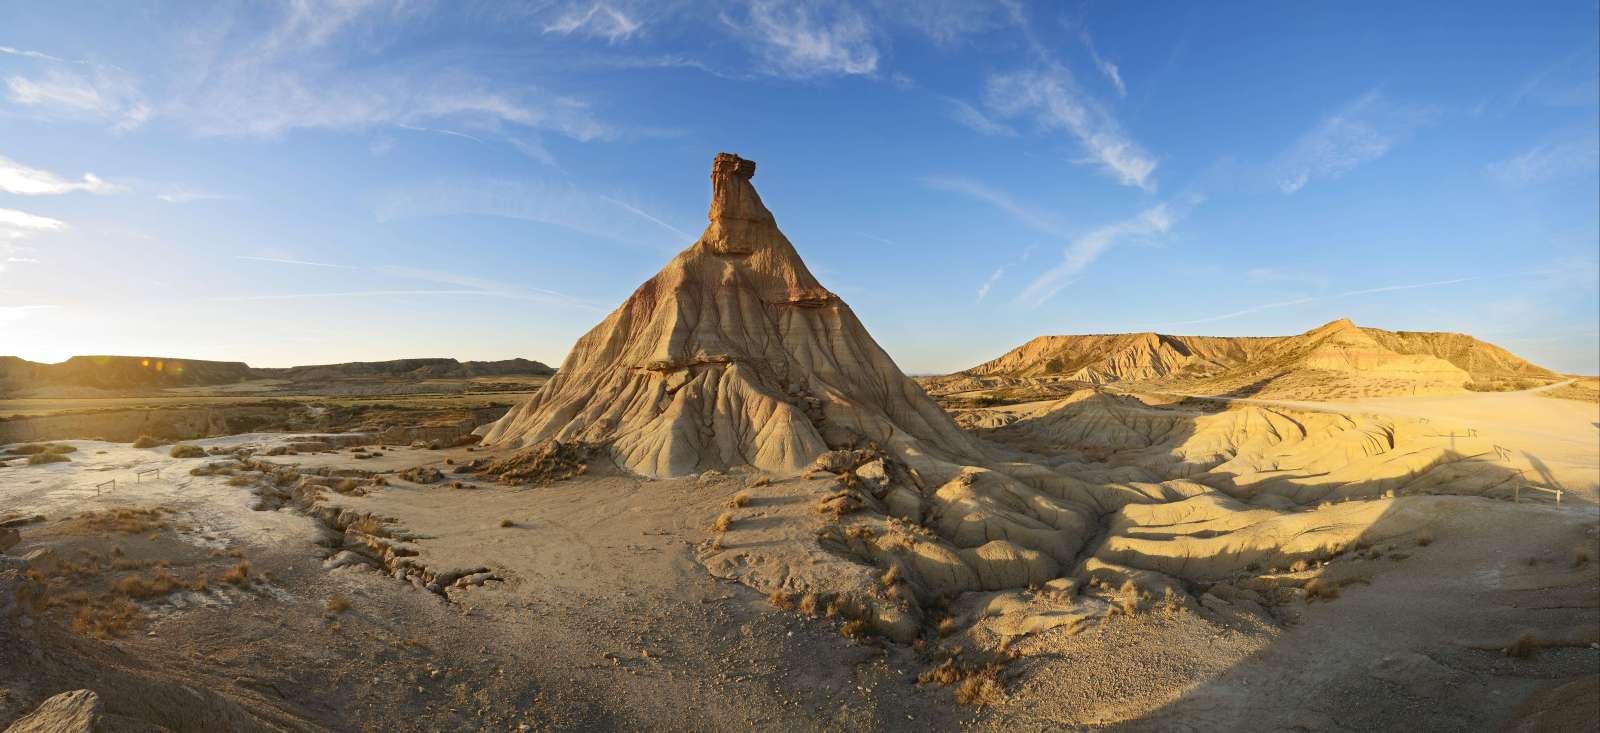 Voyage à pied : Découverte du désert des Bardenas Reales